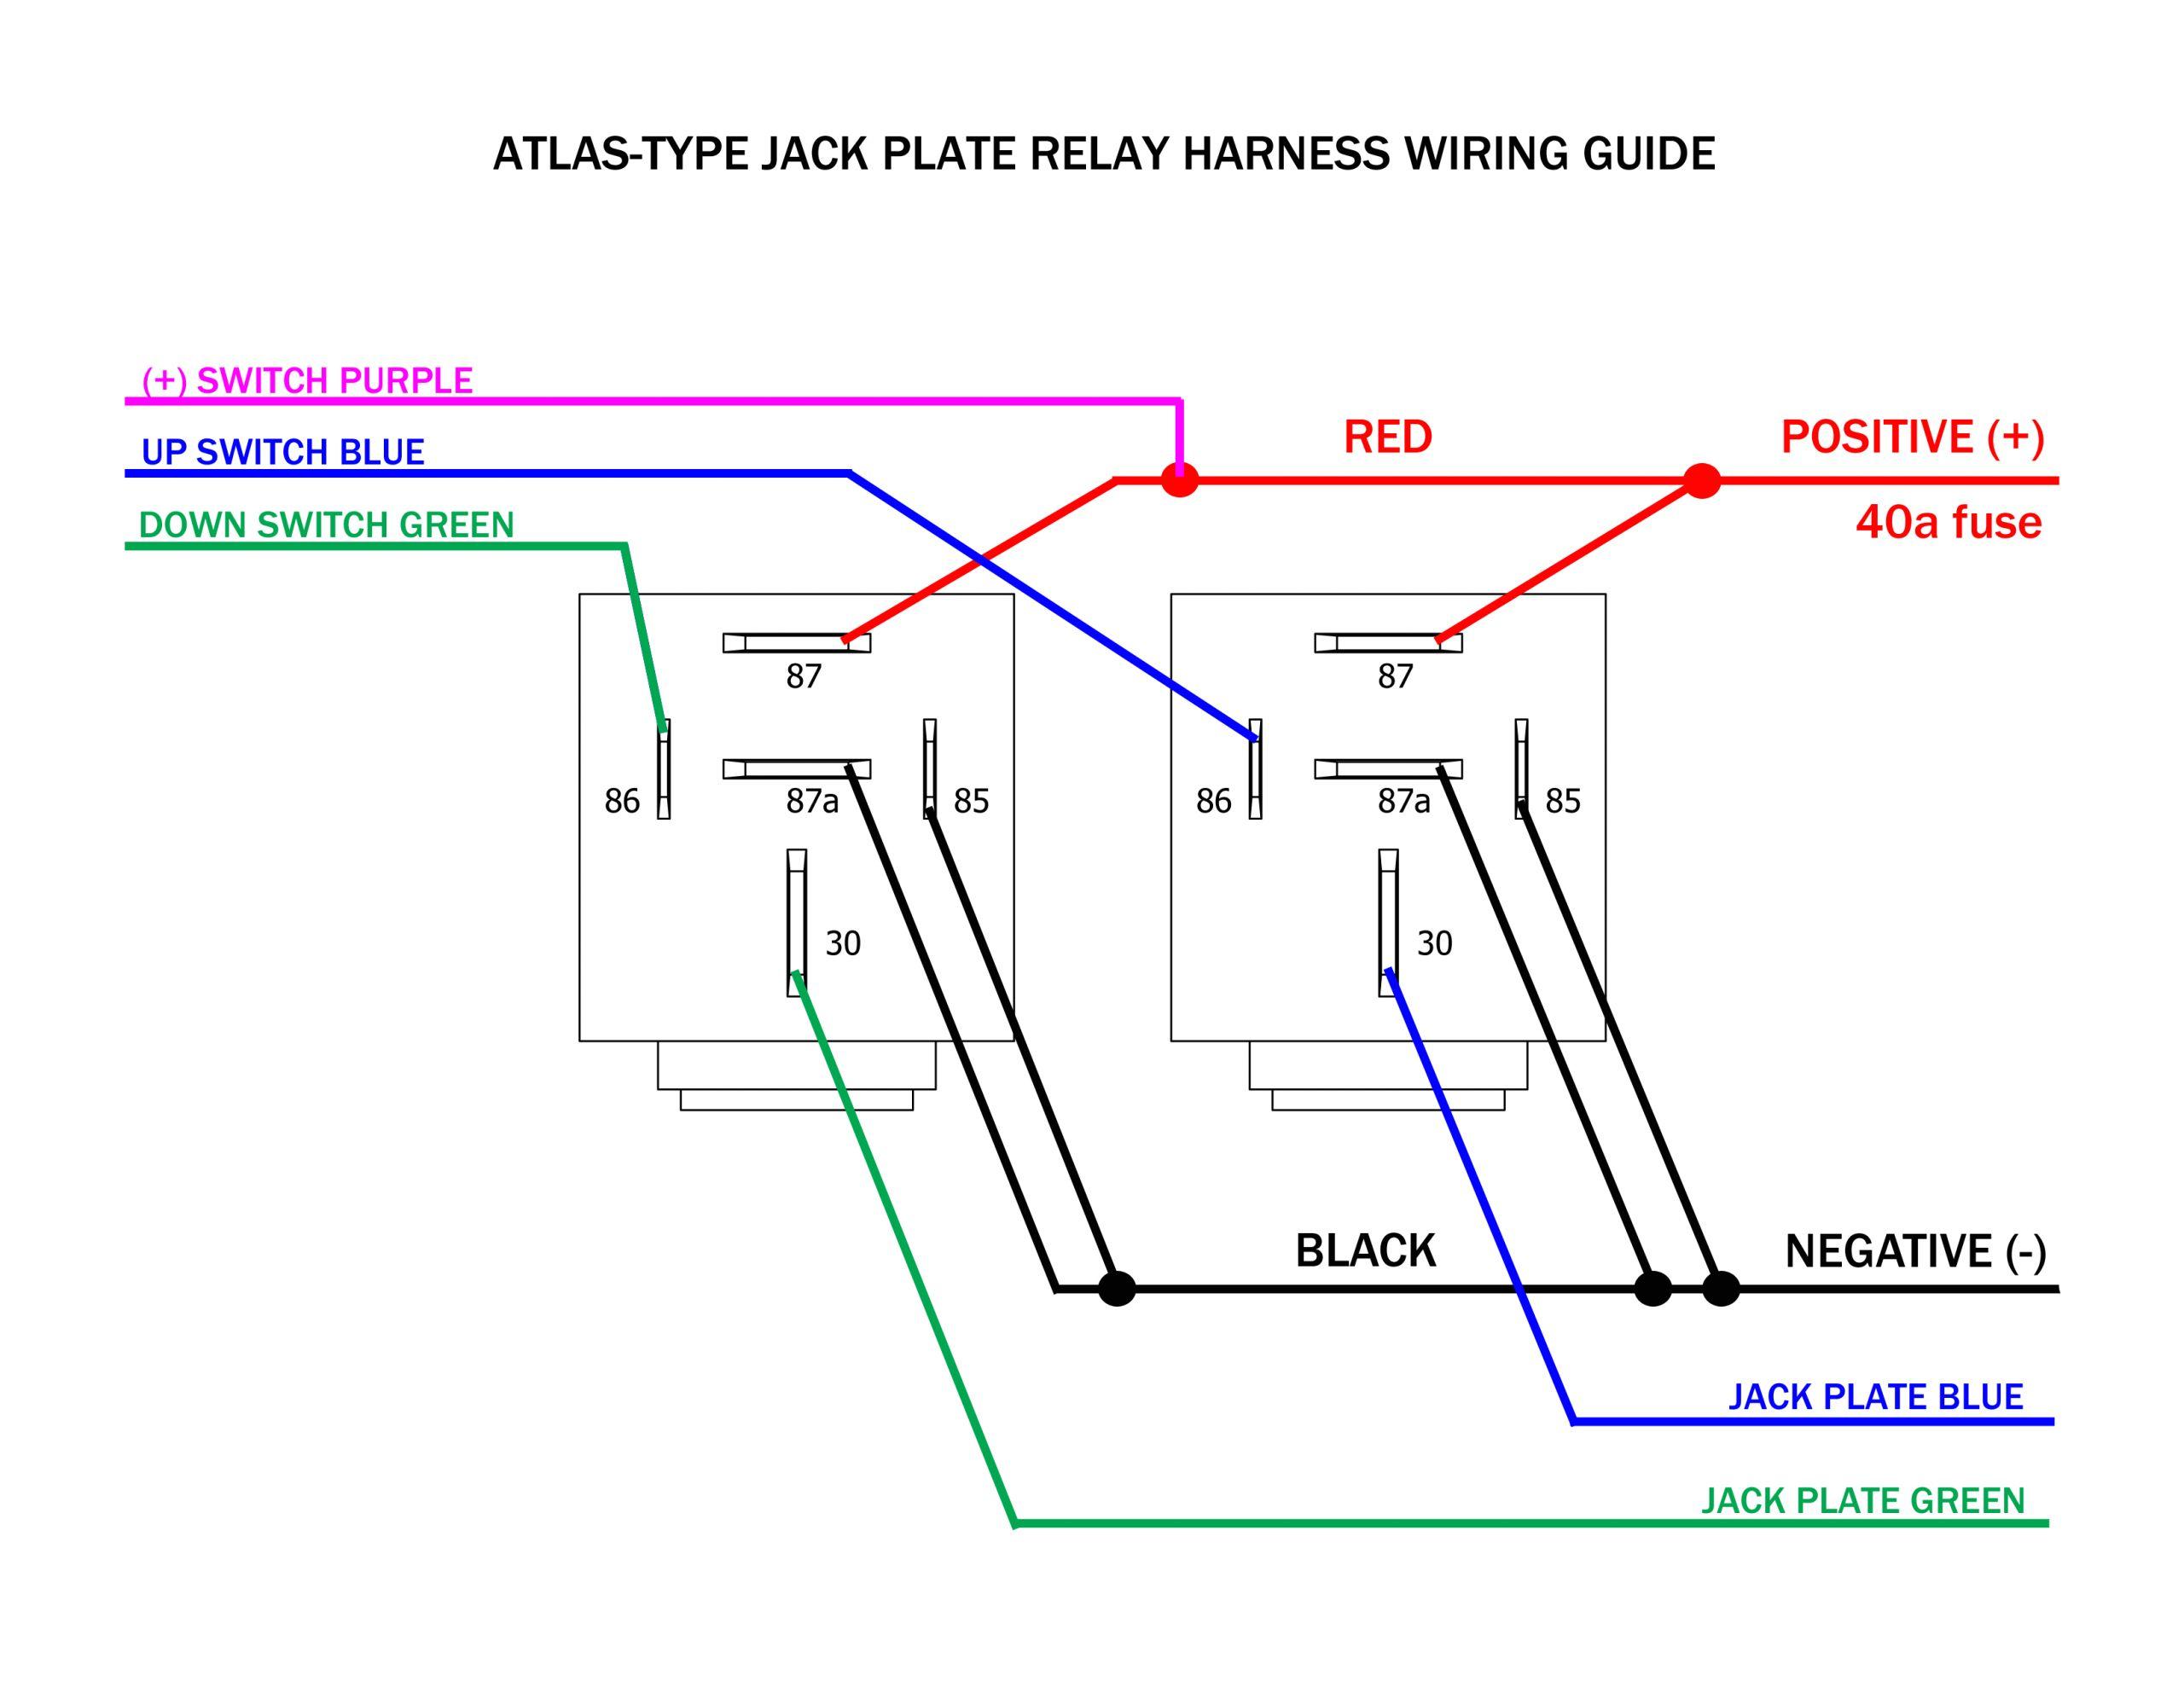 atlas jp relay wiring2 jpg a4a667ed9fd91df4d220eb94a8c3cd27 jpg